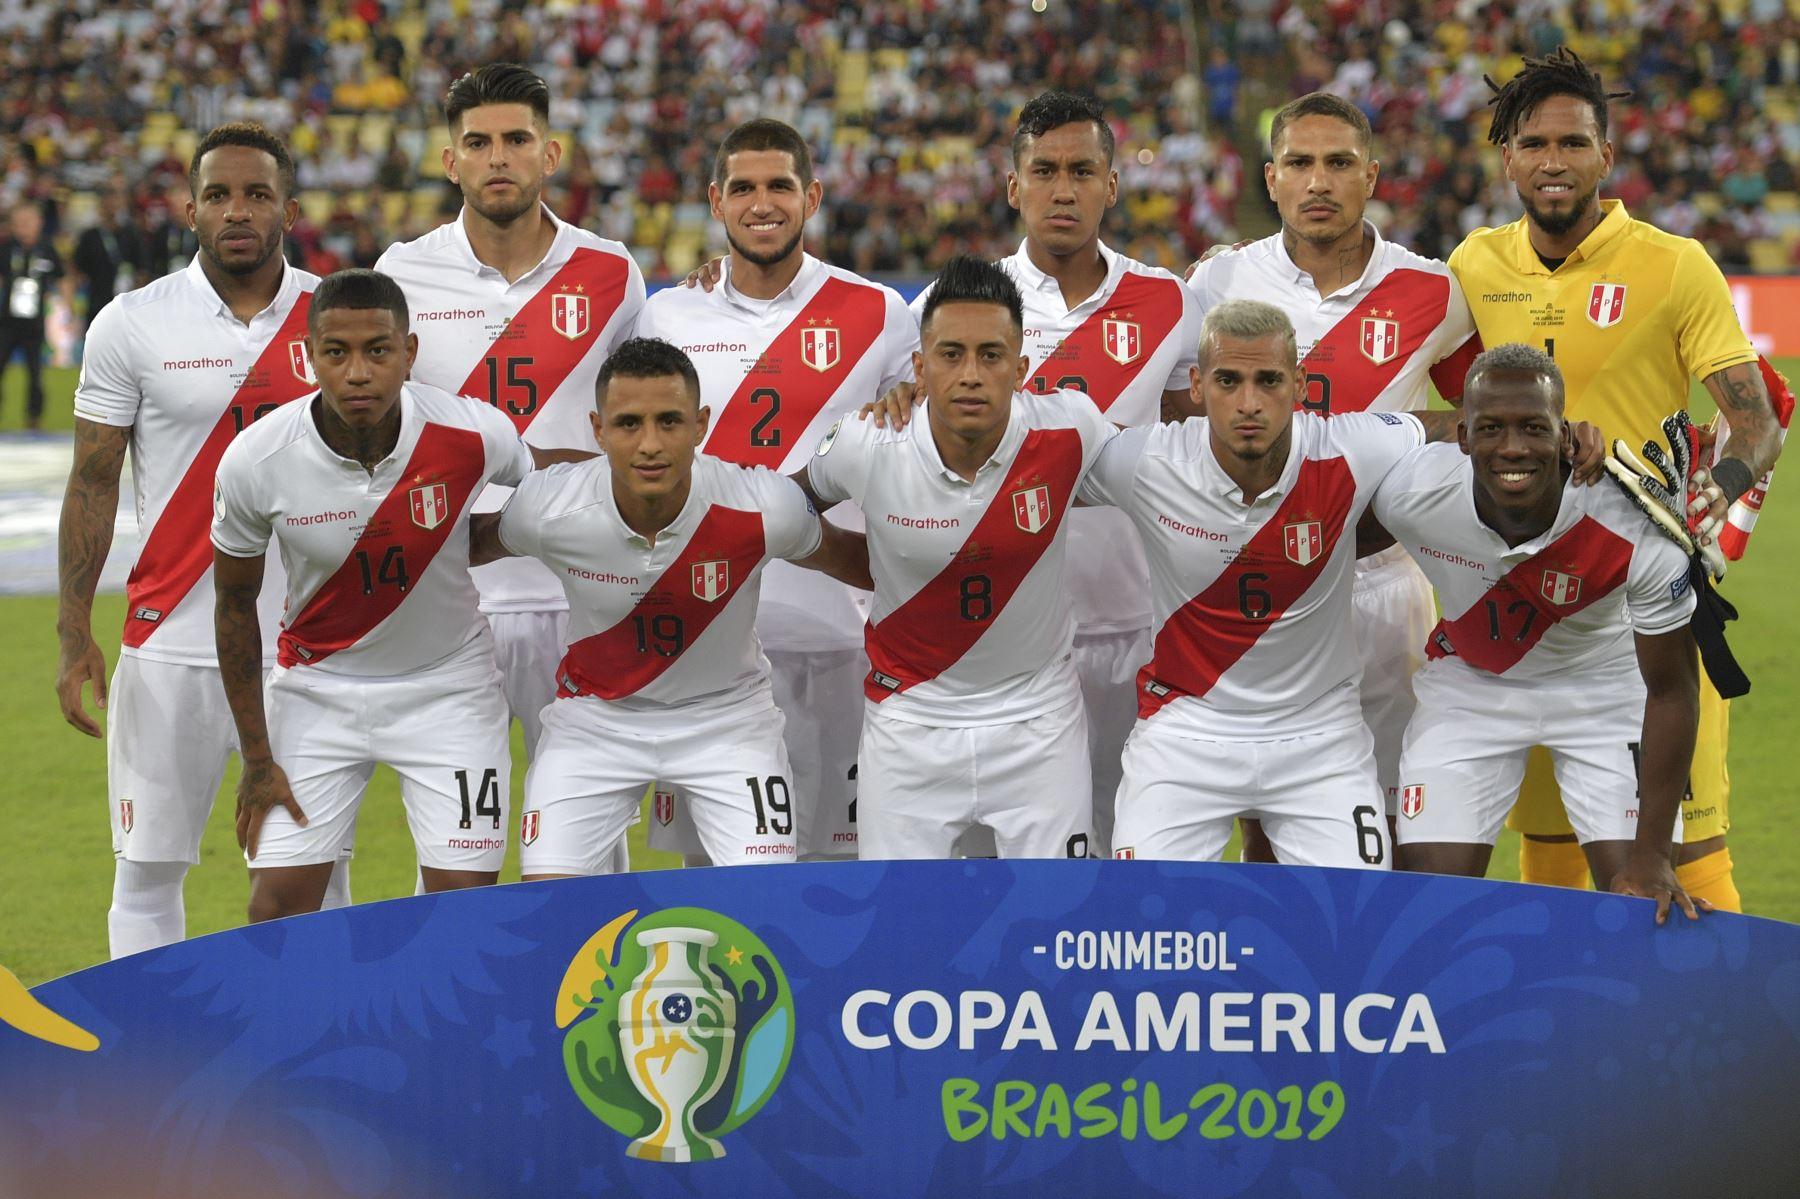 Los jugadores de Perú posan para las fotos antes de su partido de torneo de fútbol de la Copa América contra Bolivia en el Estadio Maracaná de Río de Janeiro, Brasil. Foto: AFP  Foto: AFP